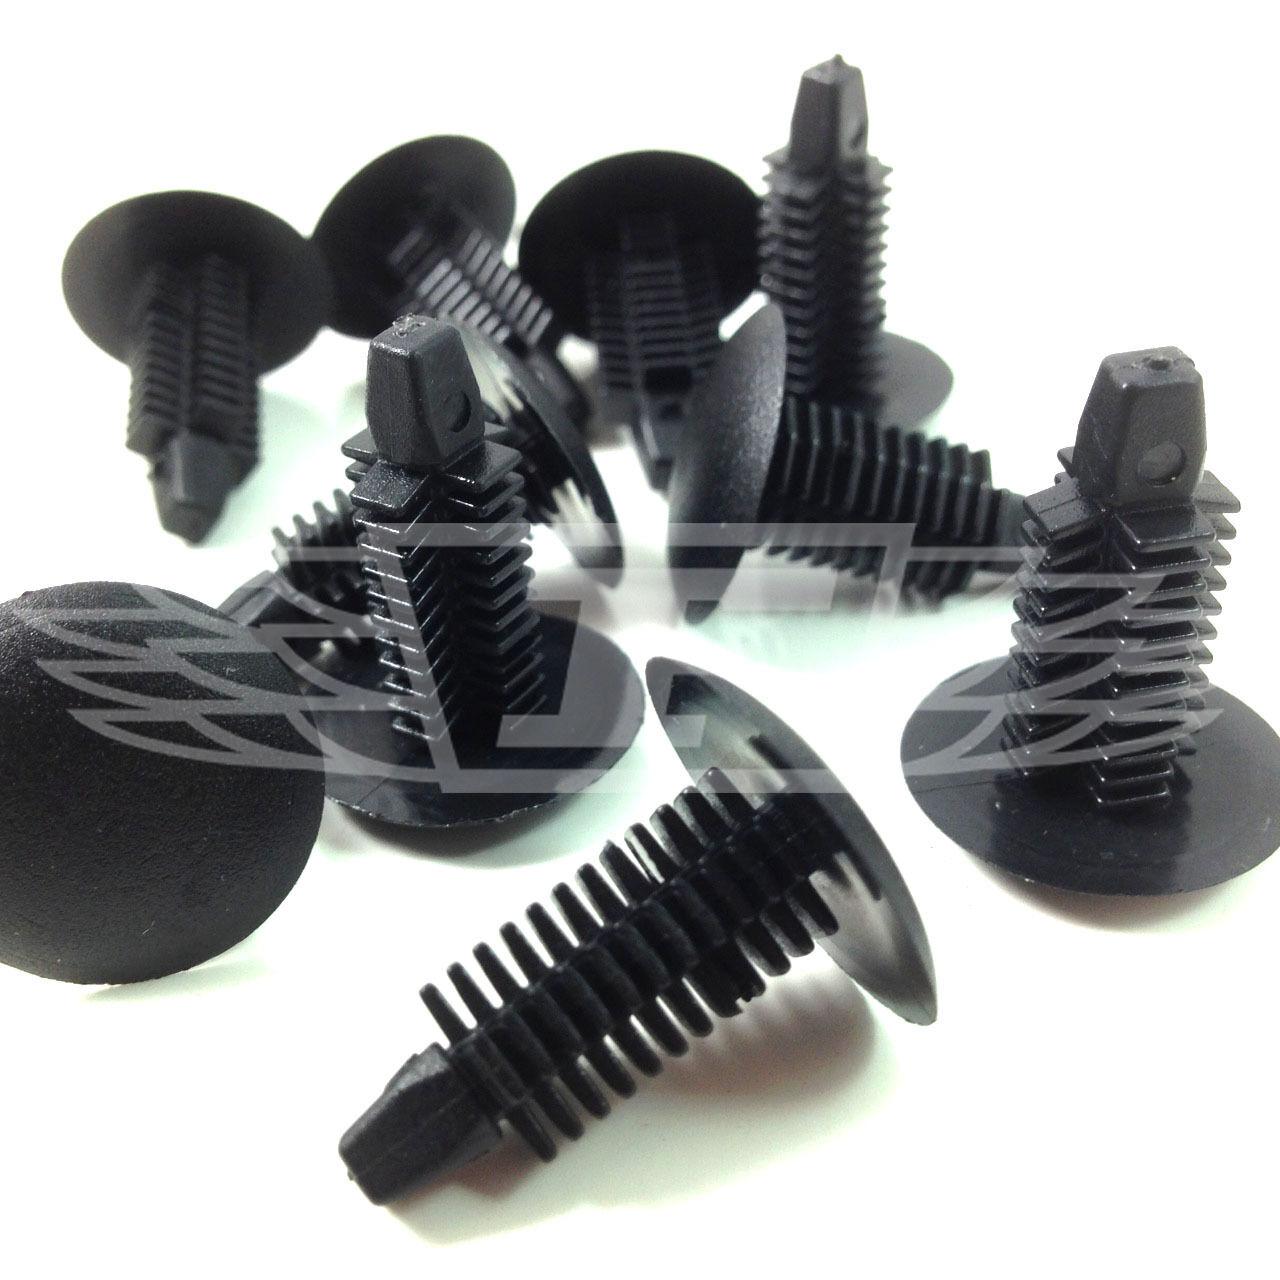 0640 FIR TREE BUTTONS SPRUCE DOOR ROOF BUMPER PUSH TYPE CLIPS 10.5mm BLACK